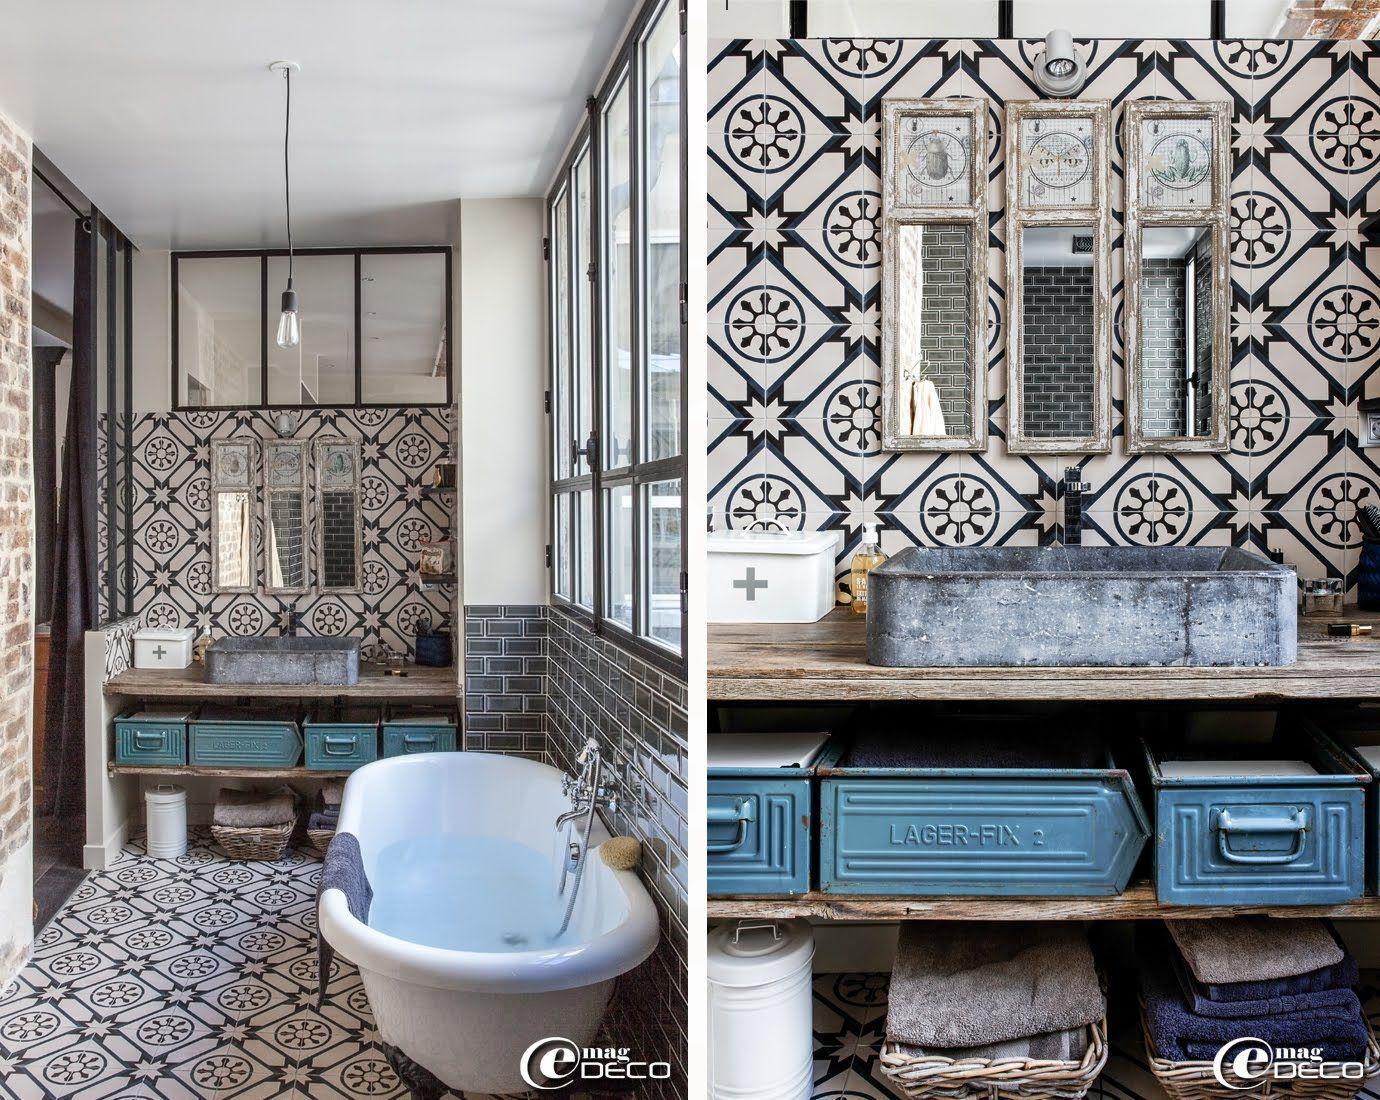 un loft parisien lov autour d 39 une cour e magdeco. Black Bedroom Furniture Sets. Home Design Ideas